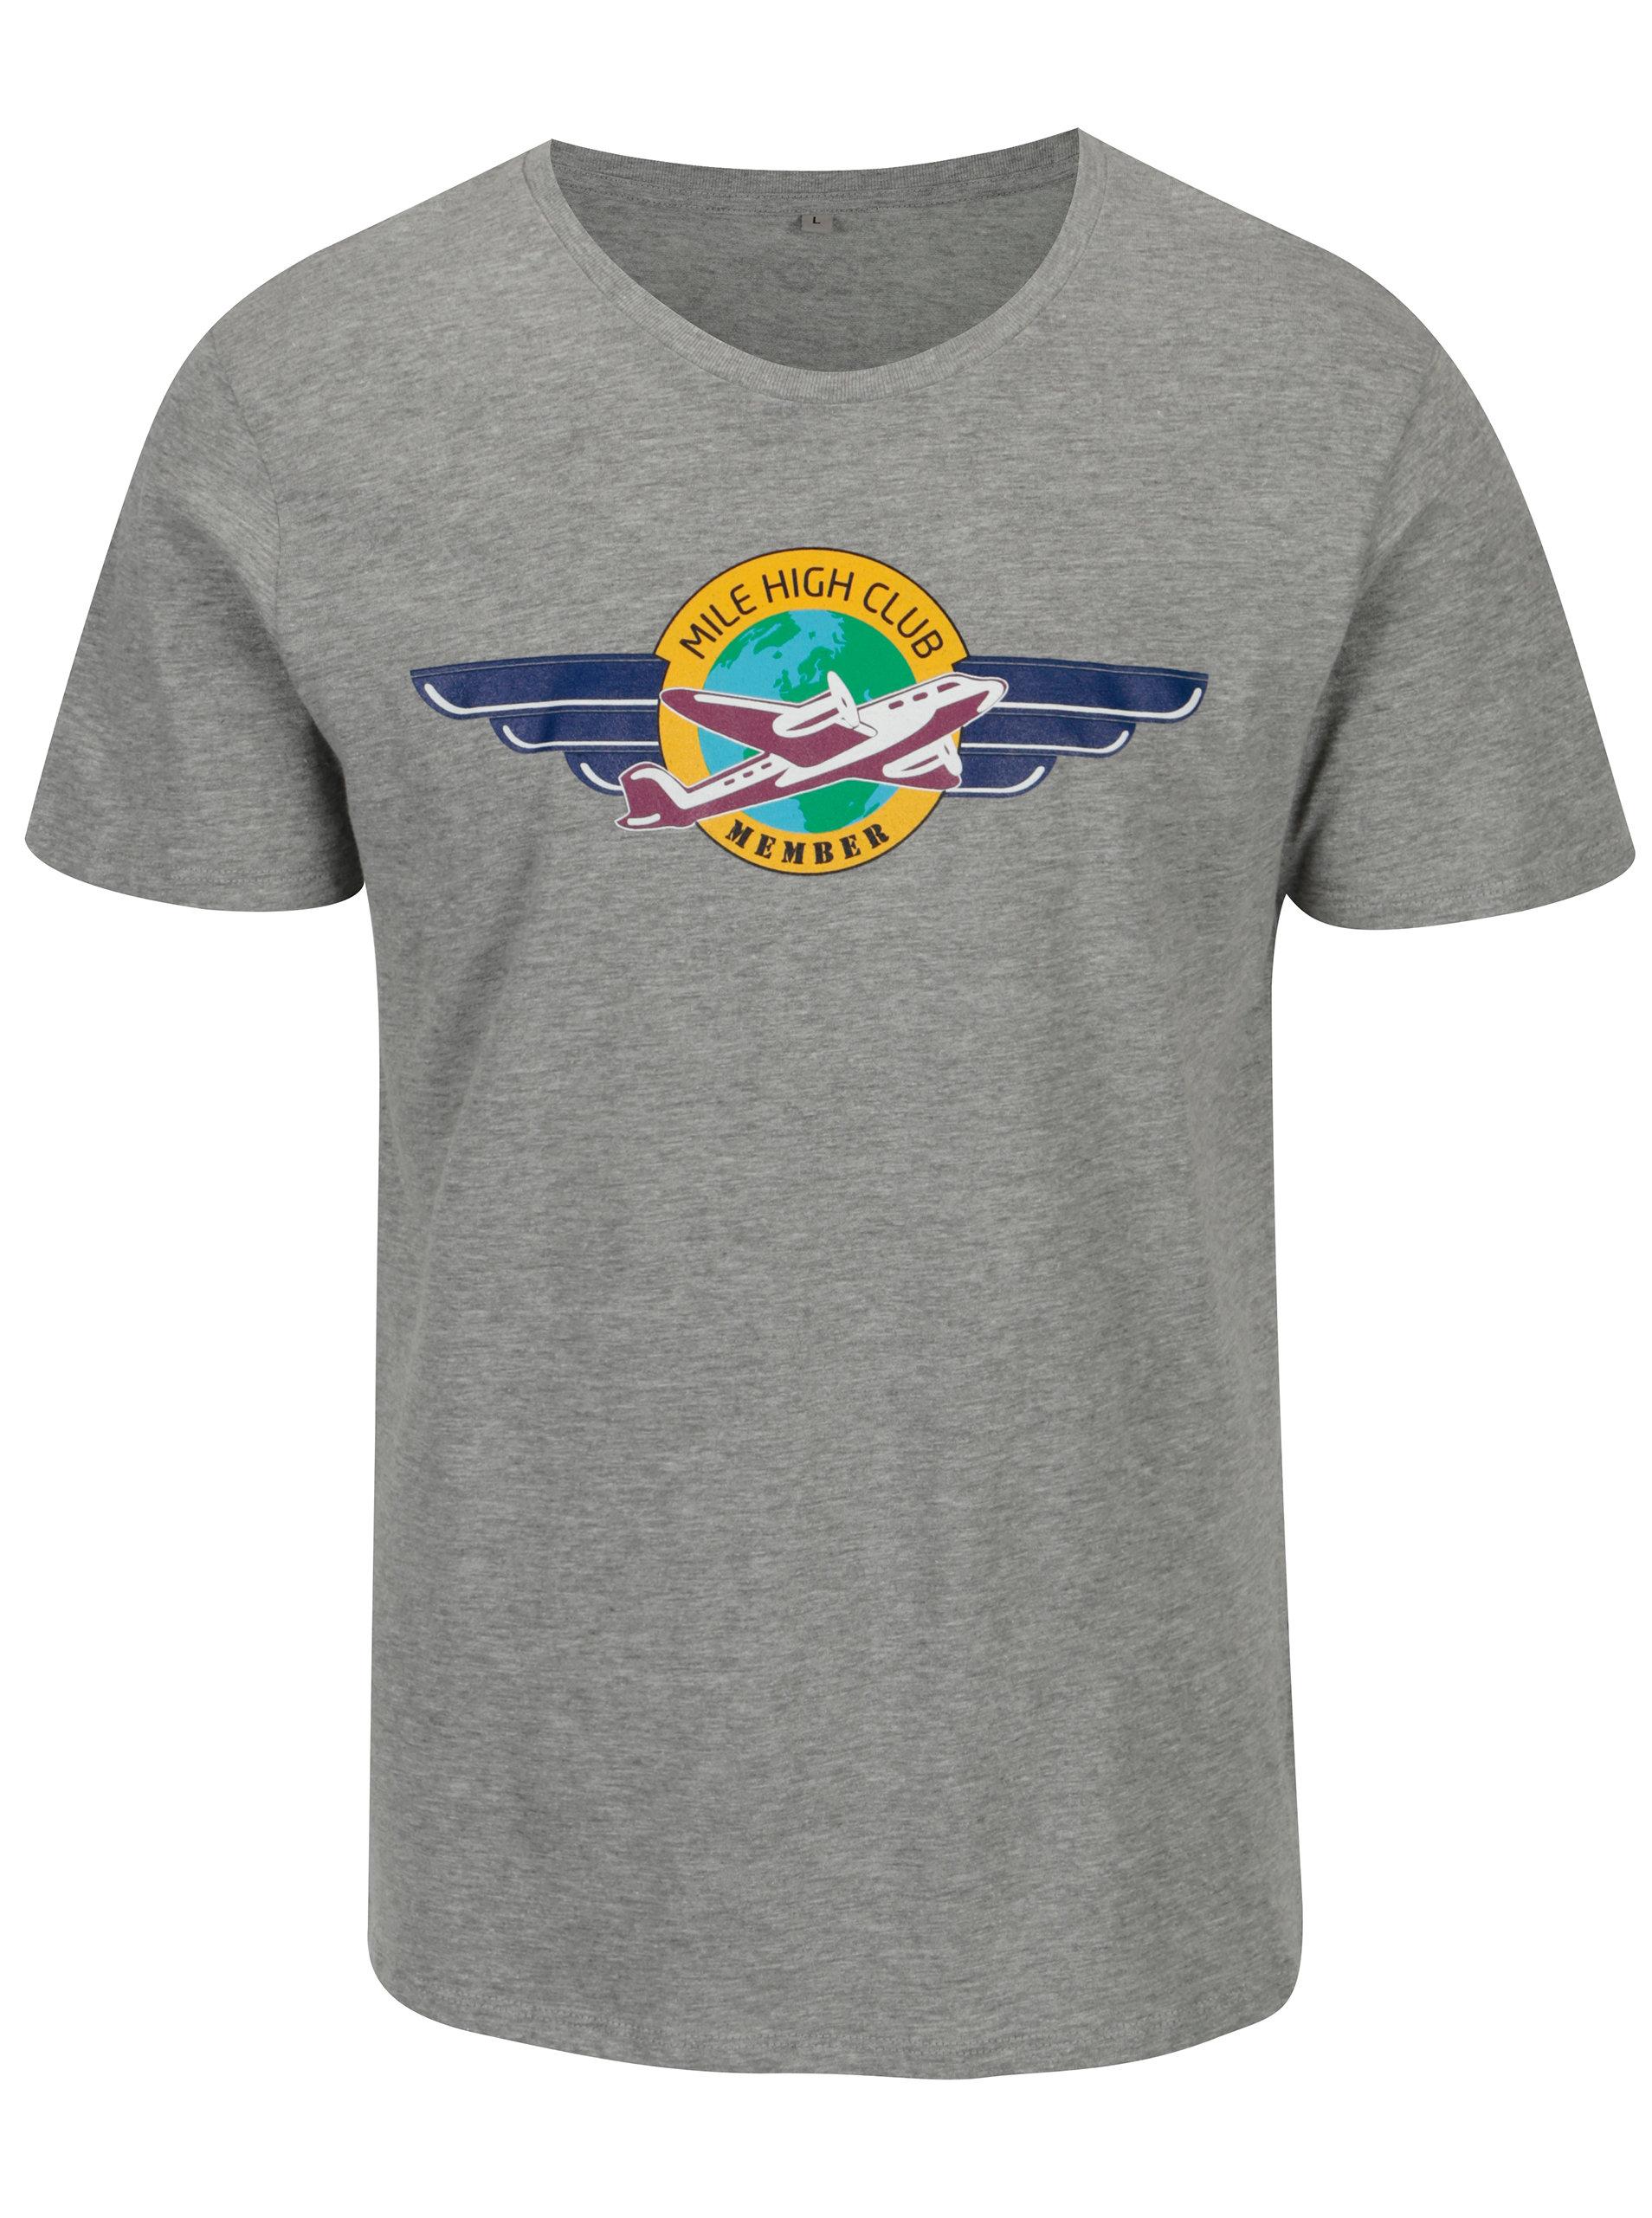 0357beeb7793 Sivé pánske melírované tričko s potlačou ZOOT Original MCH ...